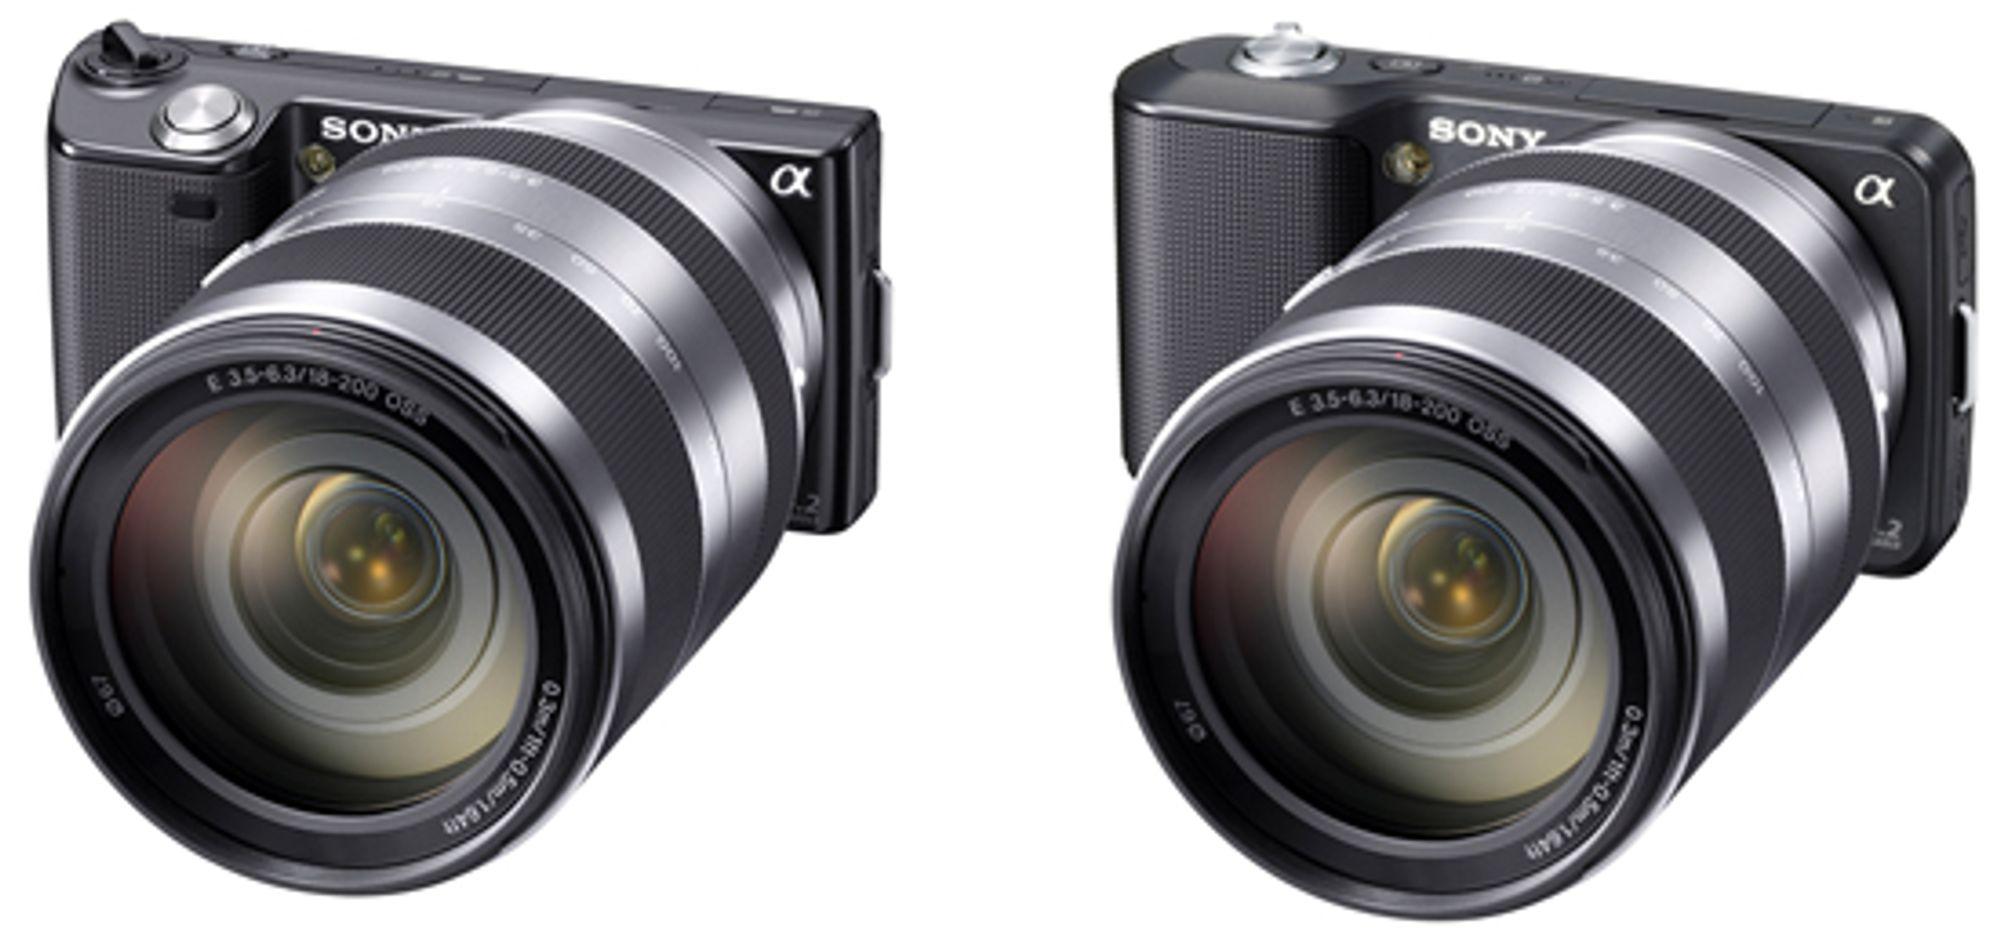 Sony NEX-3 og NEX-5 er blant kameraene som nå støttes av Apple-programvare.